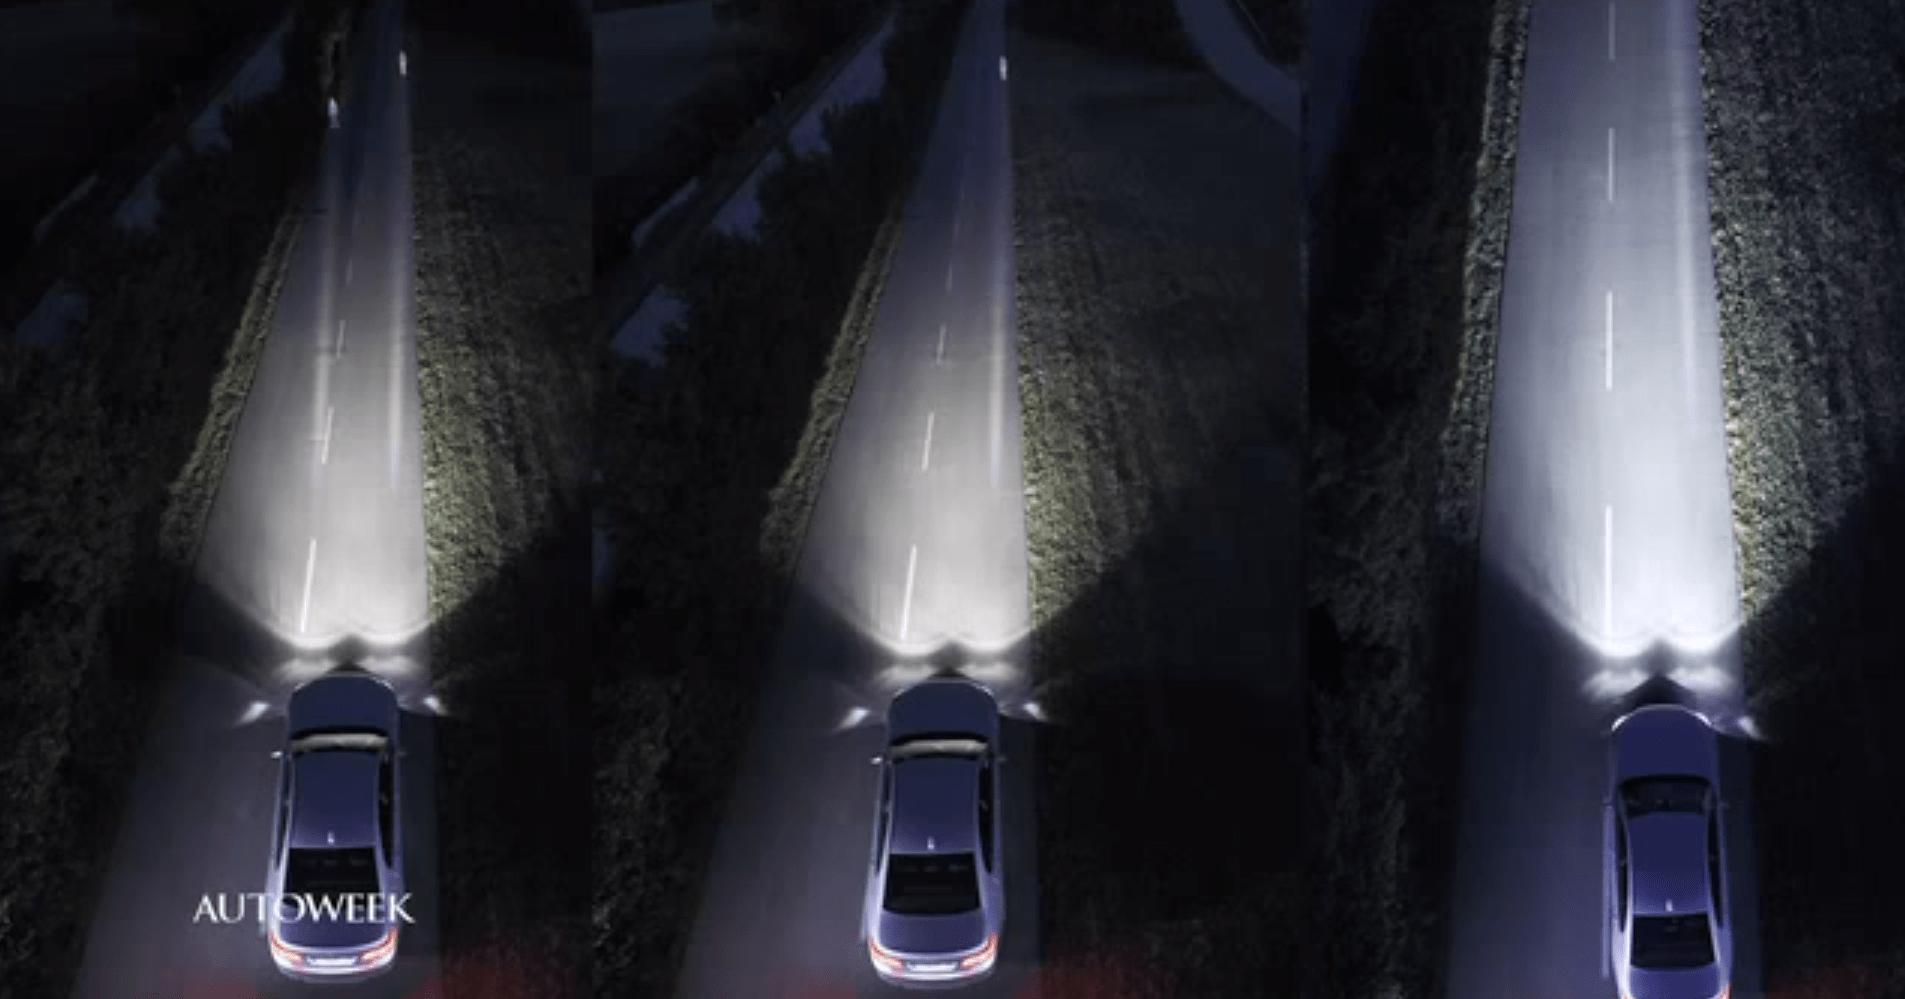 Led Versus Hid Headlights